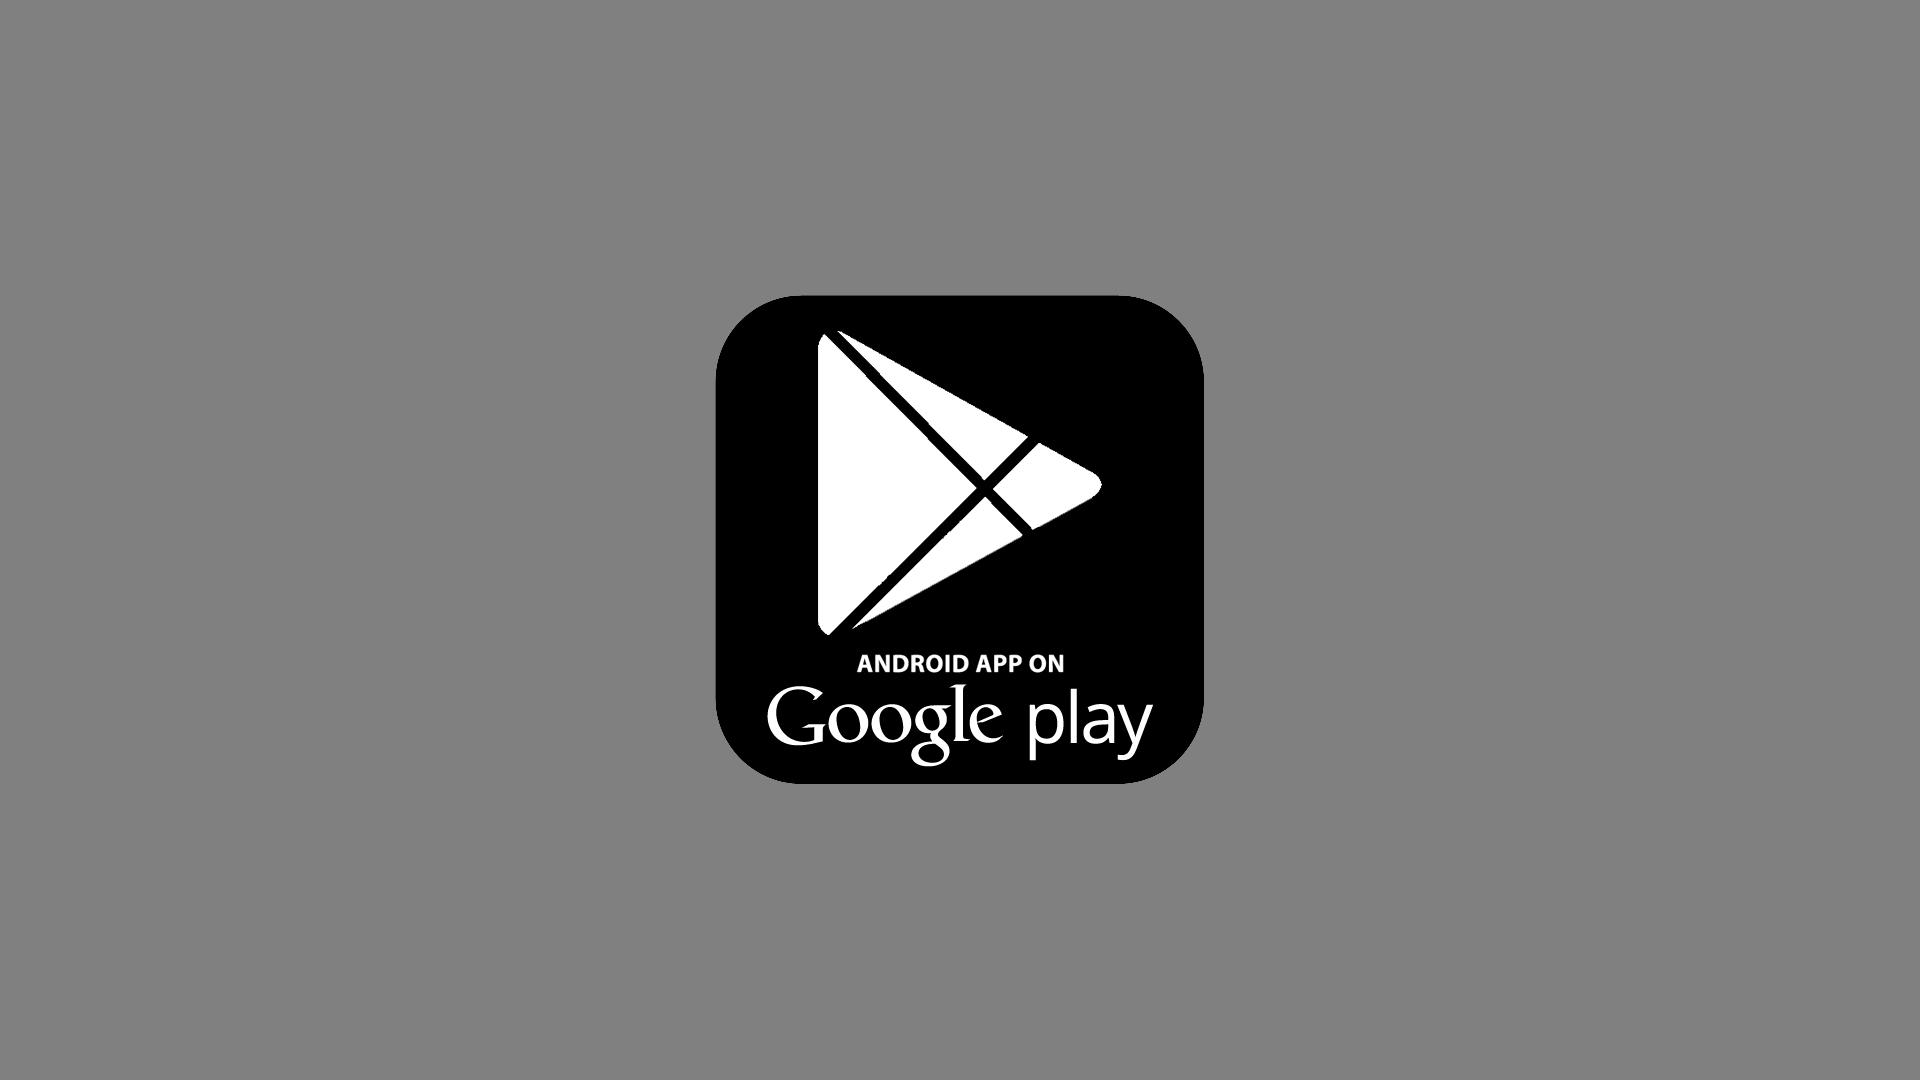 čisti aplikacija za pretragu quizlet o relativnoj dobi